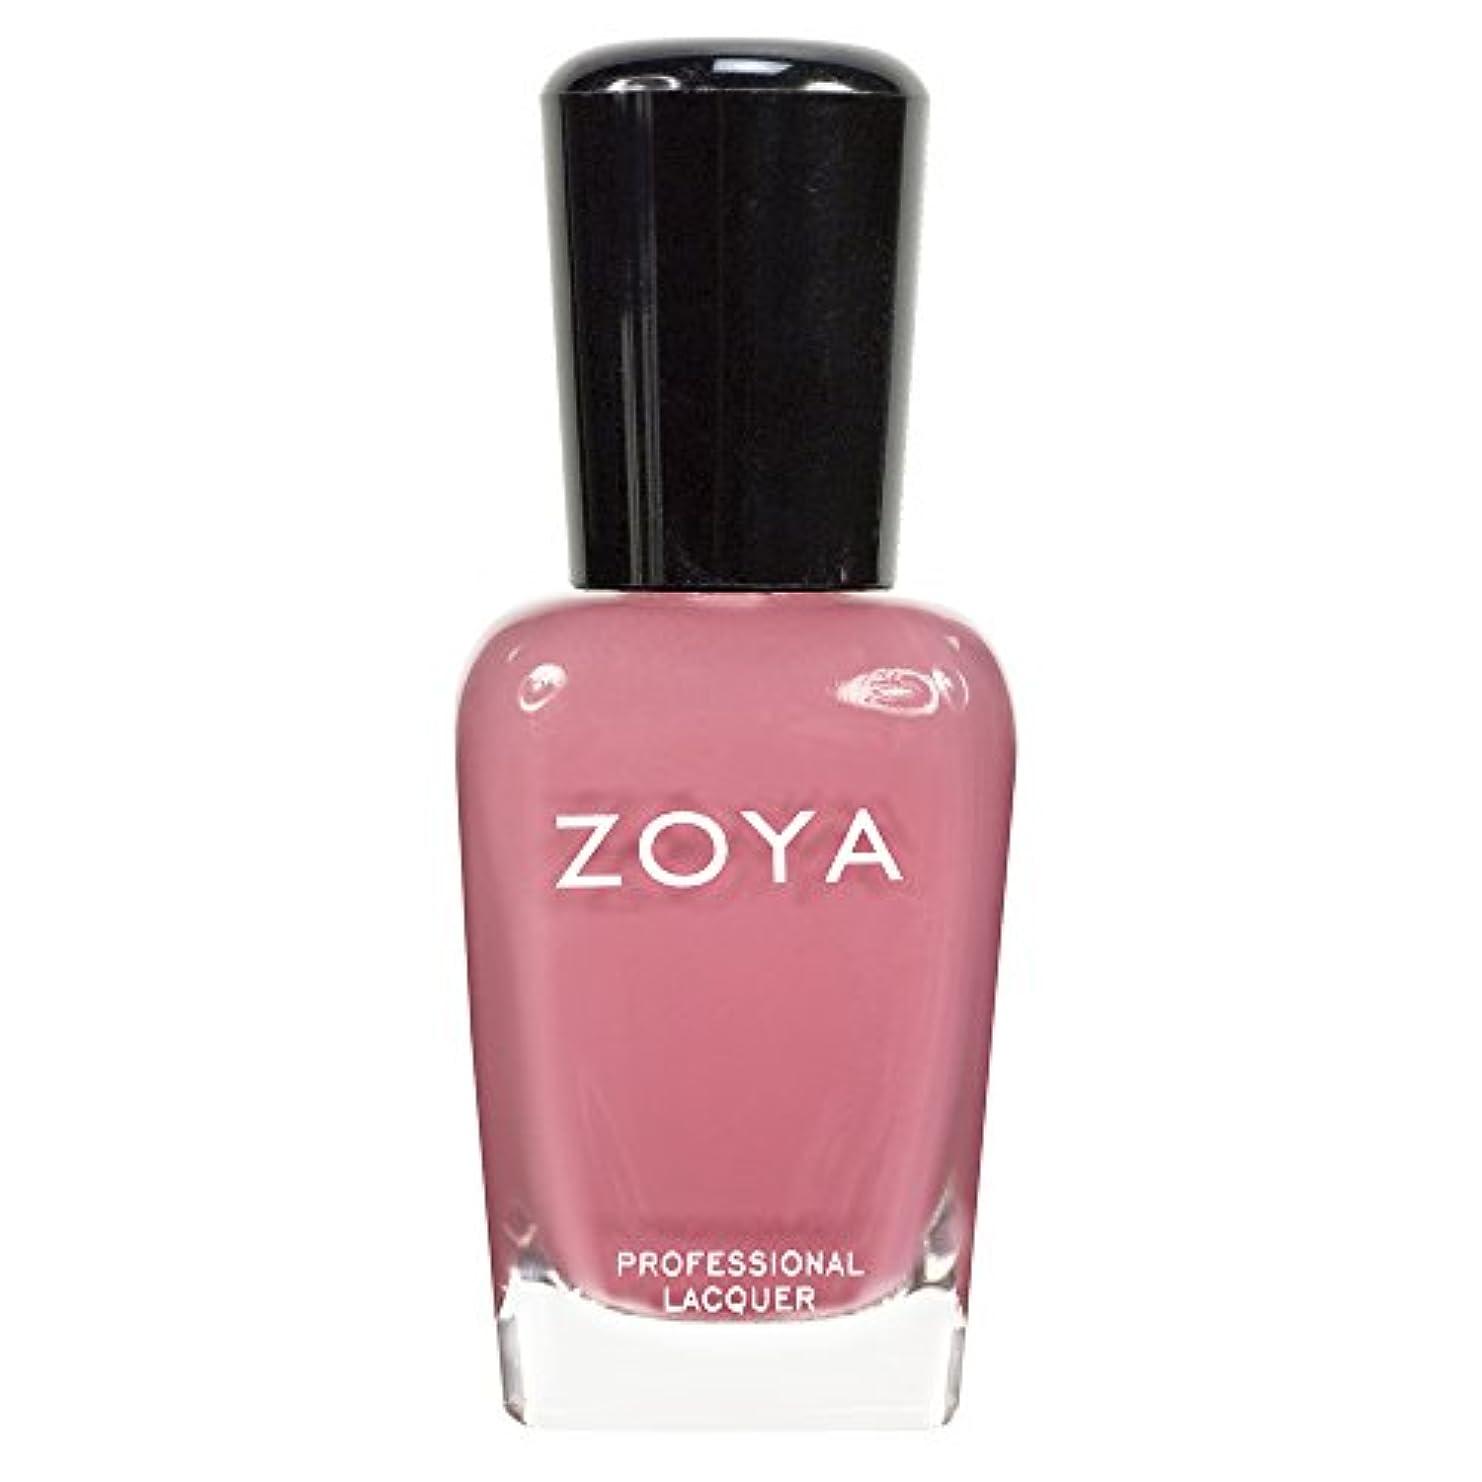 ライターアーティキュレーション測定可能ZOYA ゾーヤ ネイルカラーZP436 ZANNA ザンナ  15ml 淡いモーブピンク マット 爪にやさしいネイルラッカーマニキュア